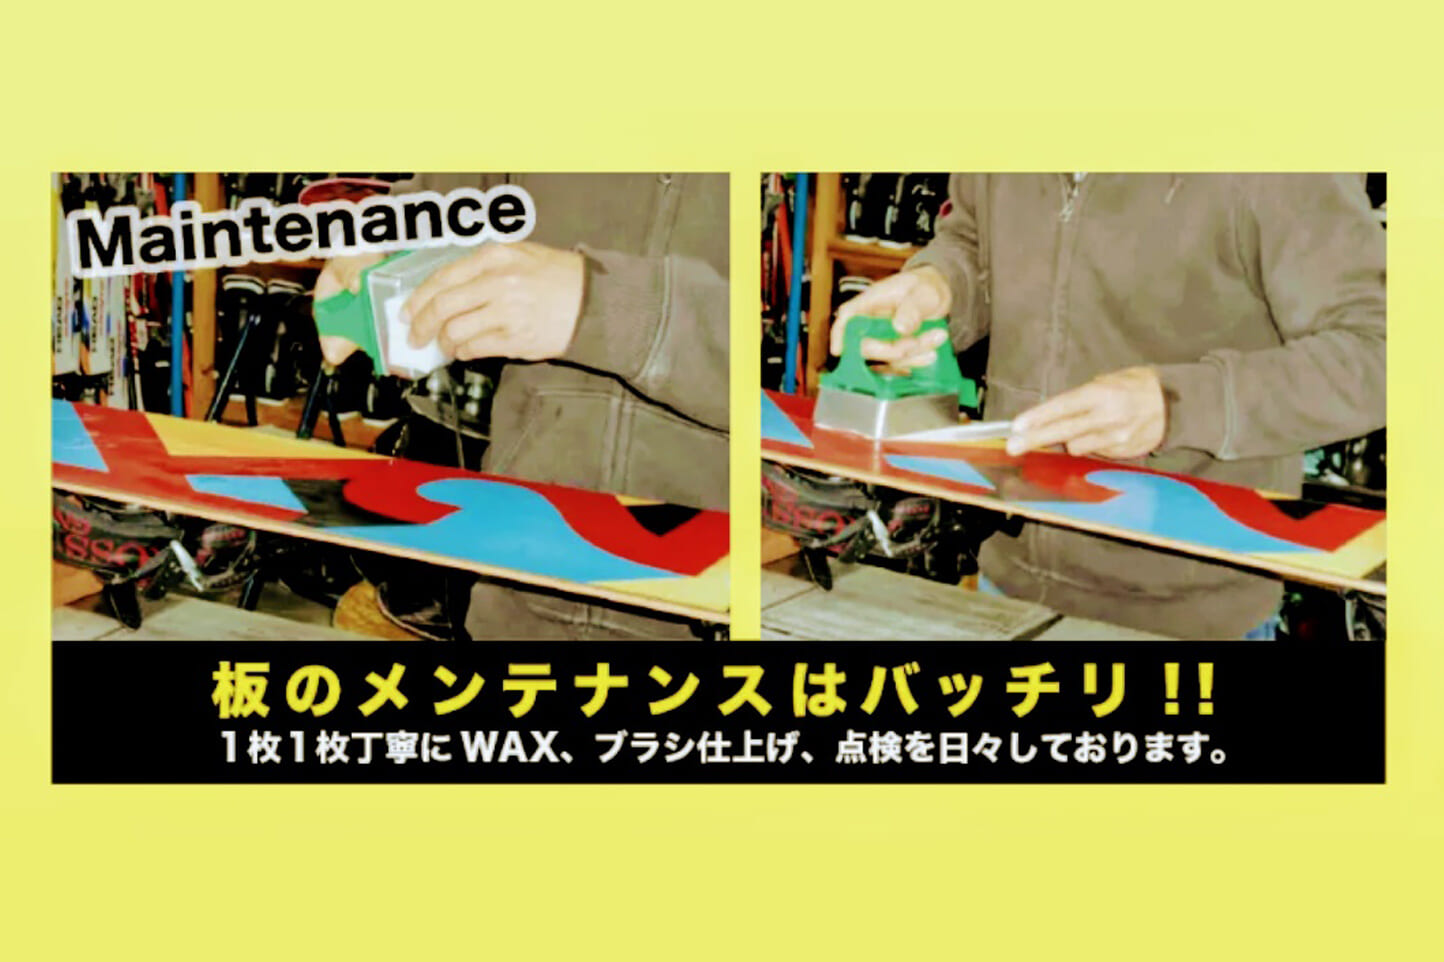 レンタルショップYAMAMOTO スライダー画像3